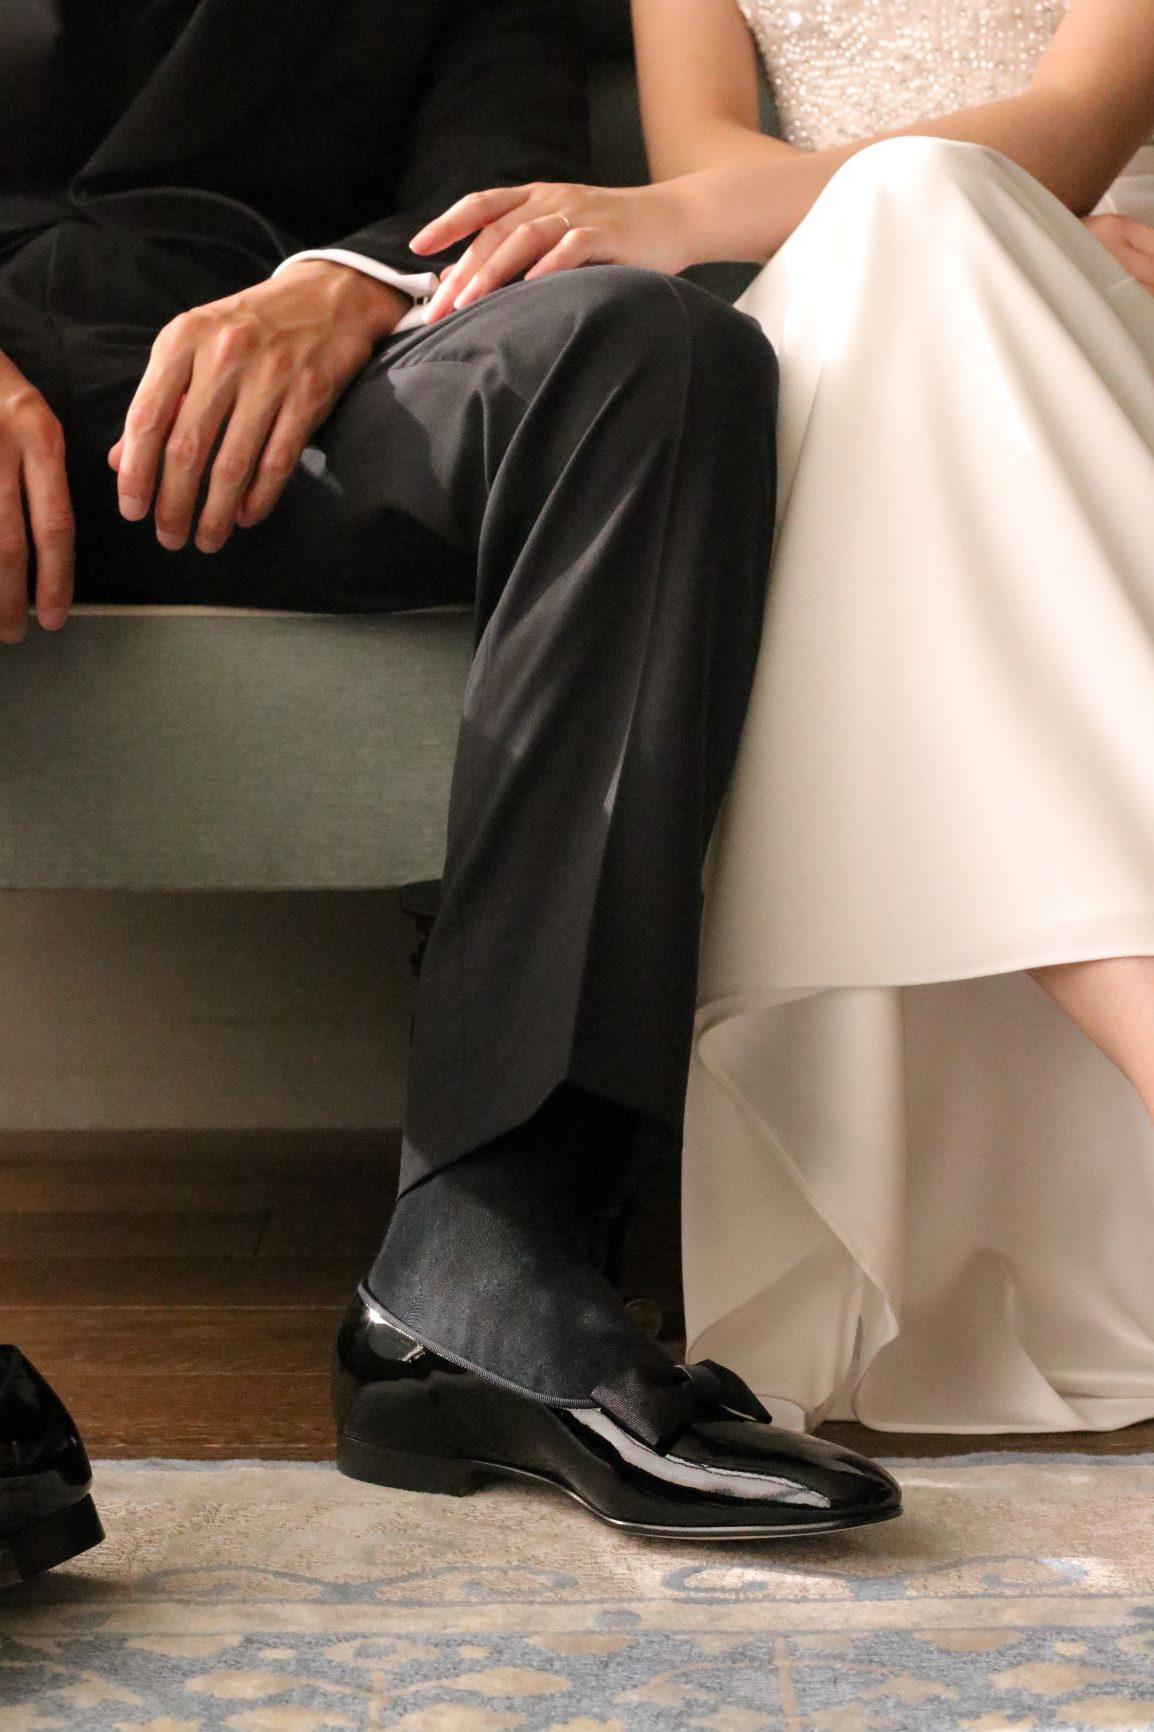 トリートドレッシングでは、シルクやの美しいインポートのウエディングドレスをお召し頂く新婦様の隣をエスコートするのに相応しいタキシードの着こなしをシューズもプラスしてトータルコーディネートでご提案いたします